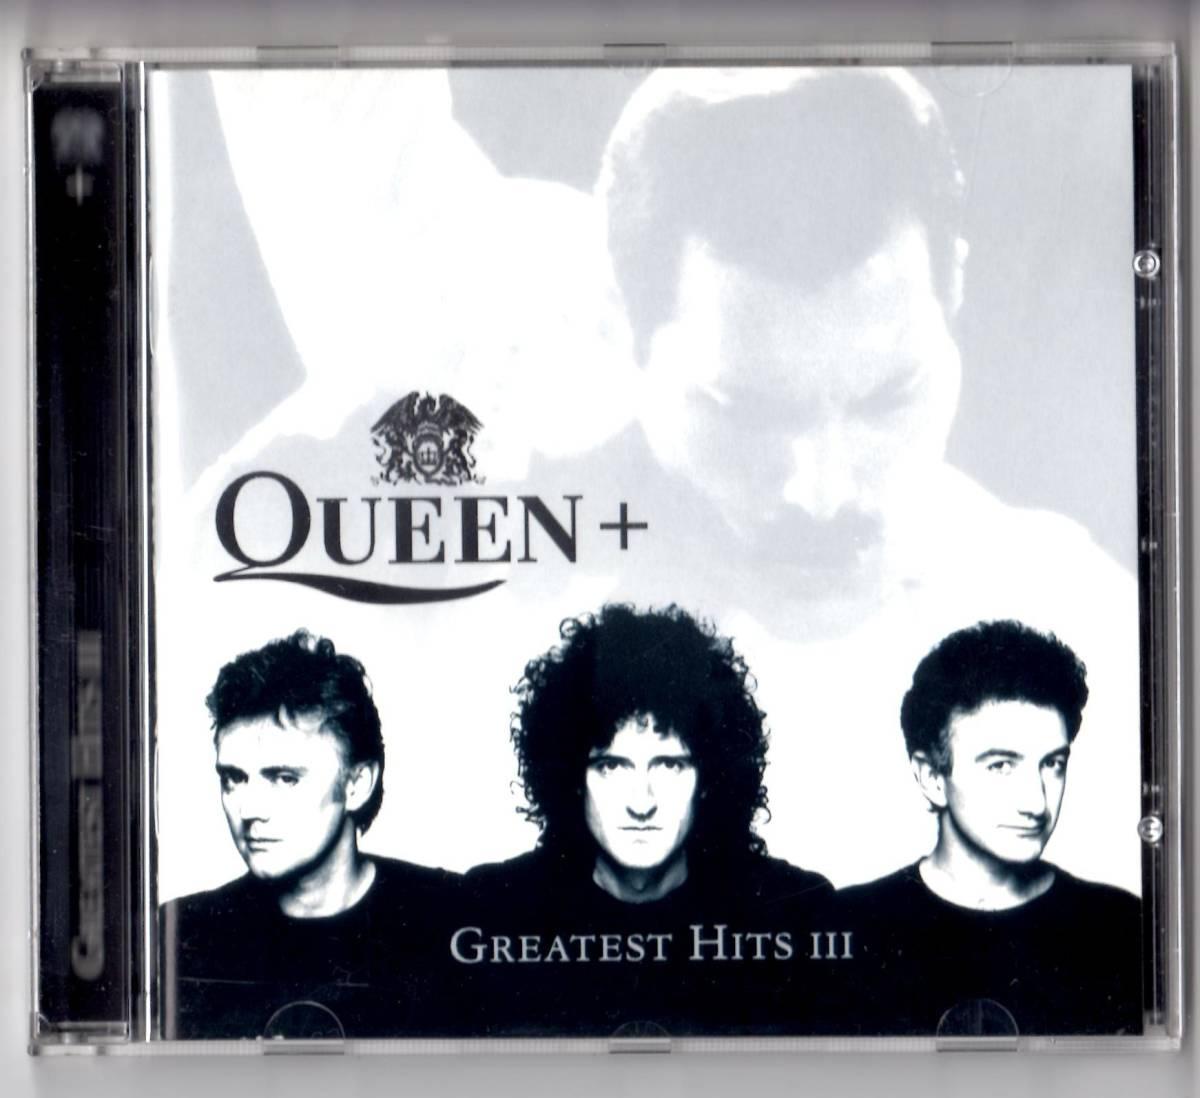 Used CD 輸入盤 クイーン Queen『グレイテスト・ヒッツ 3 III ~フレディー・マーキュリーに捧ぐ~』(Queen+ GREATEST HITS III)1999年